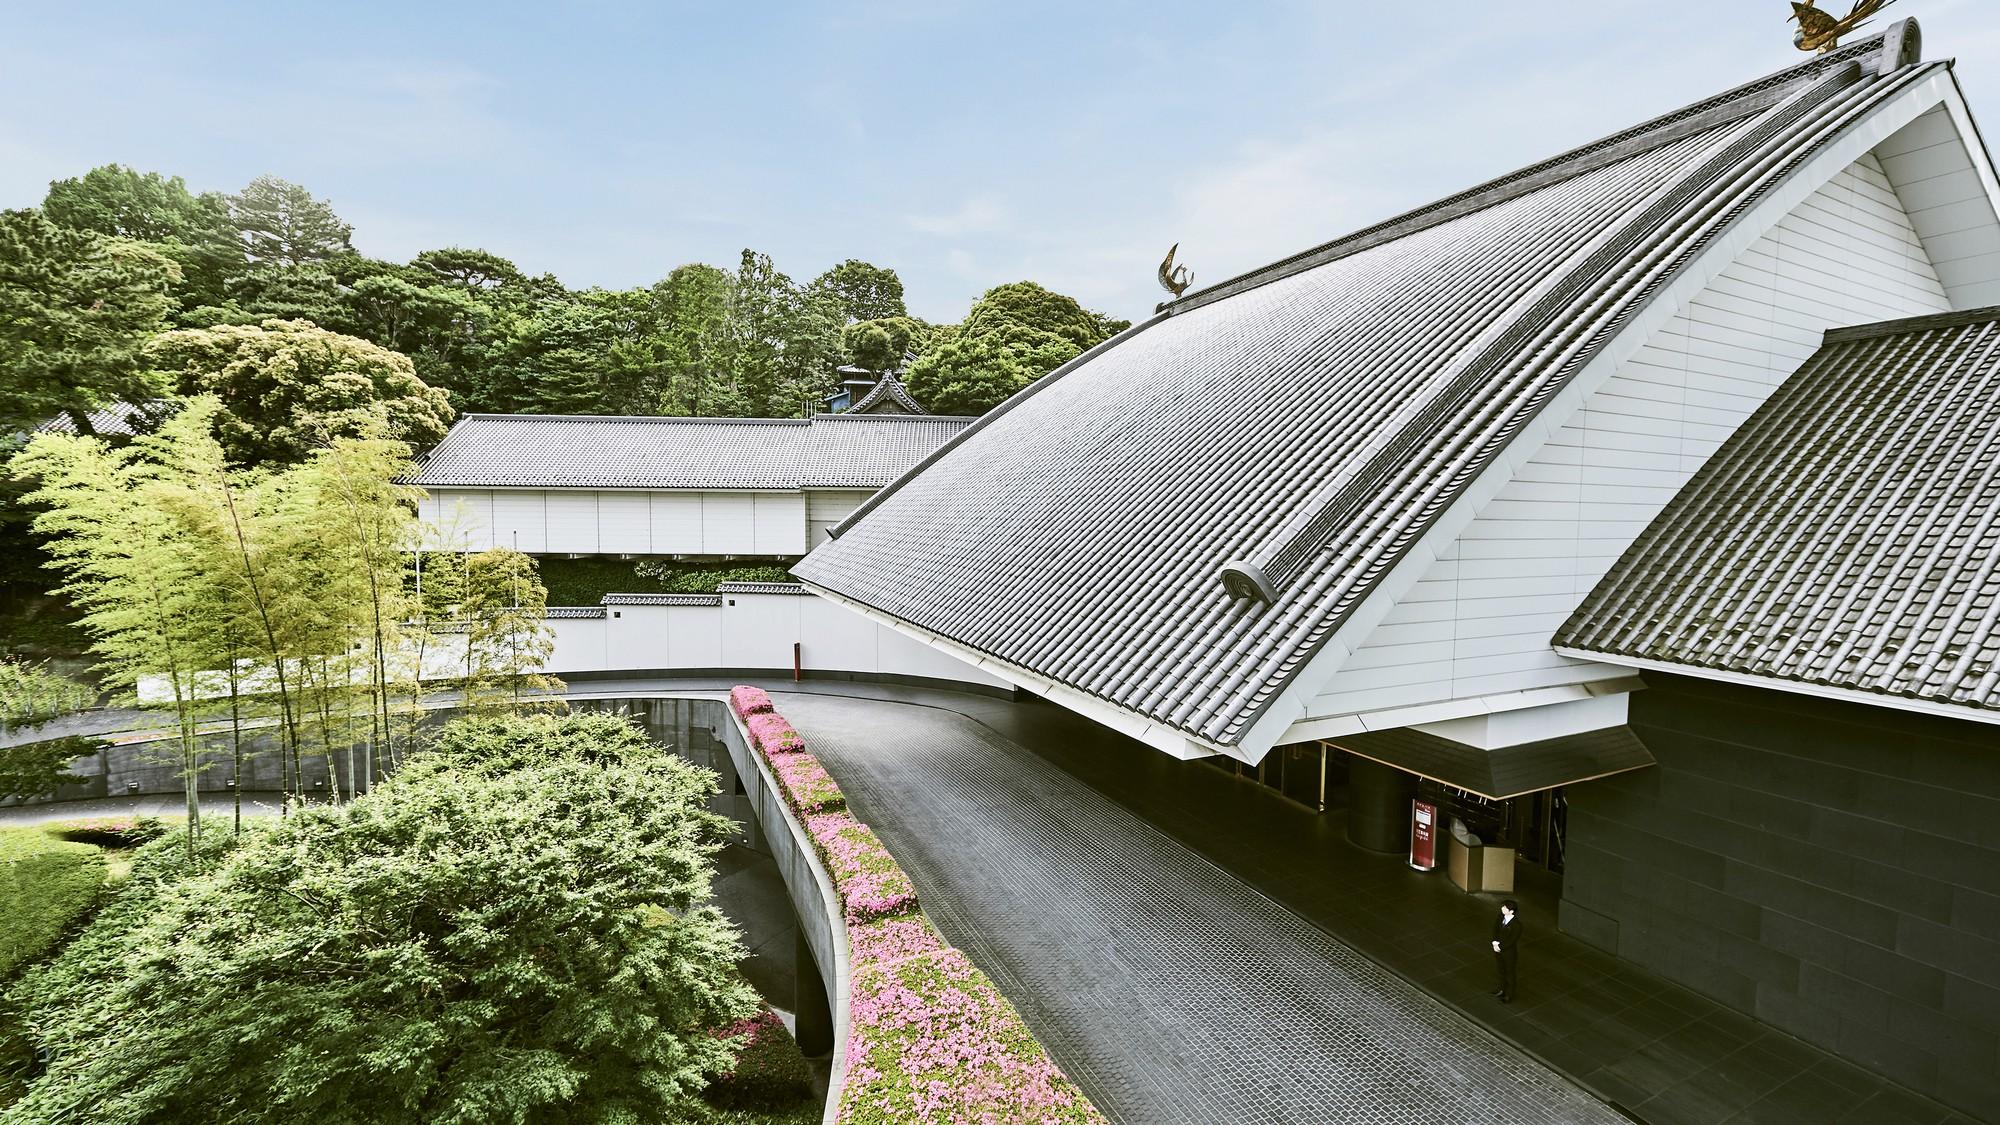 ホテル雅叙園東京 image